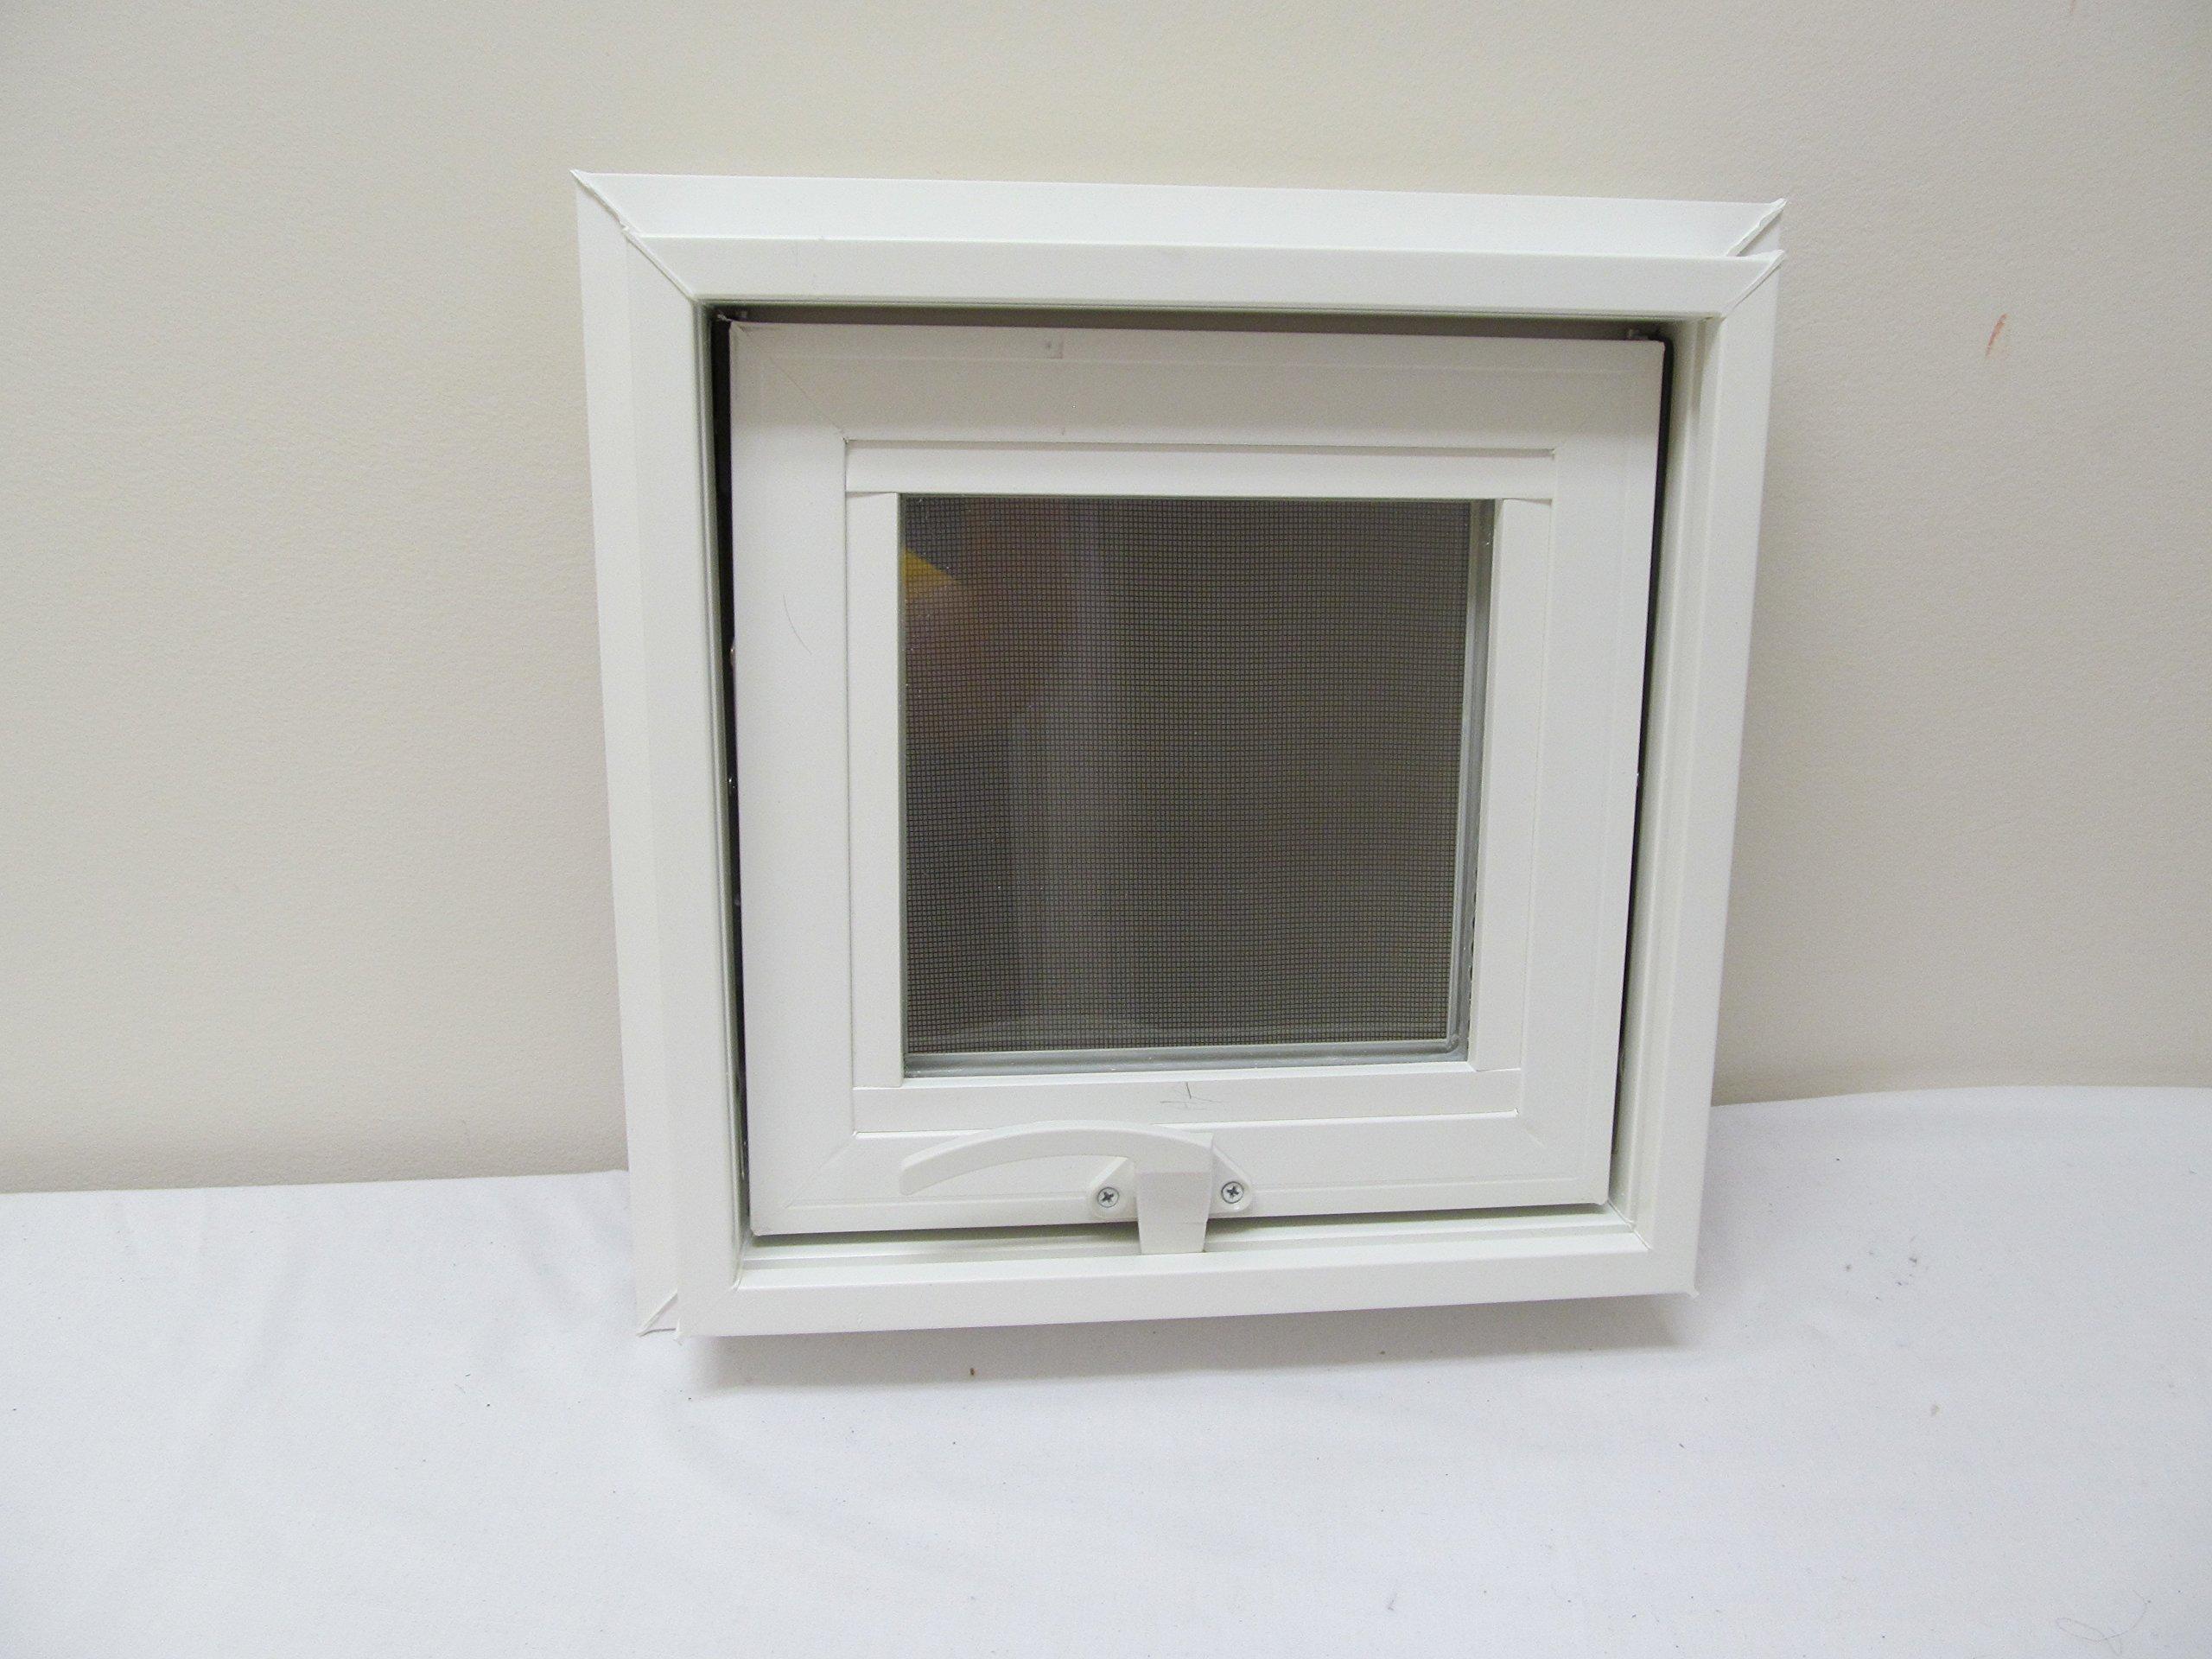 Awning Windows Style 12'' x 12'' Vinyl PVC Windows Home Windows Tiny House Windows Playhouse Windows Shed Windows